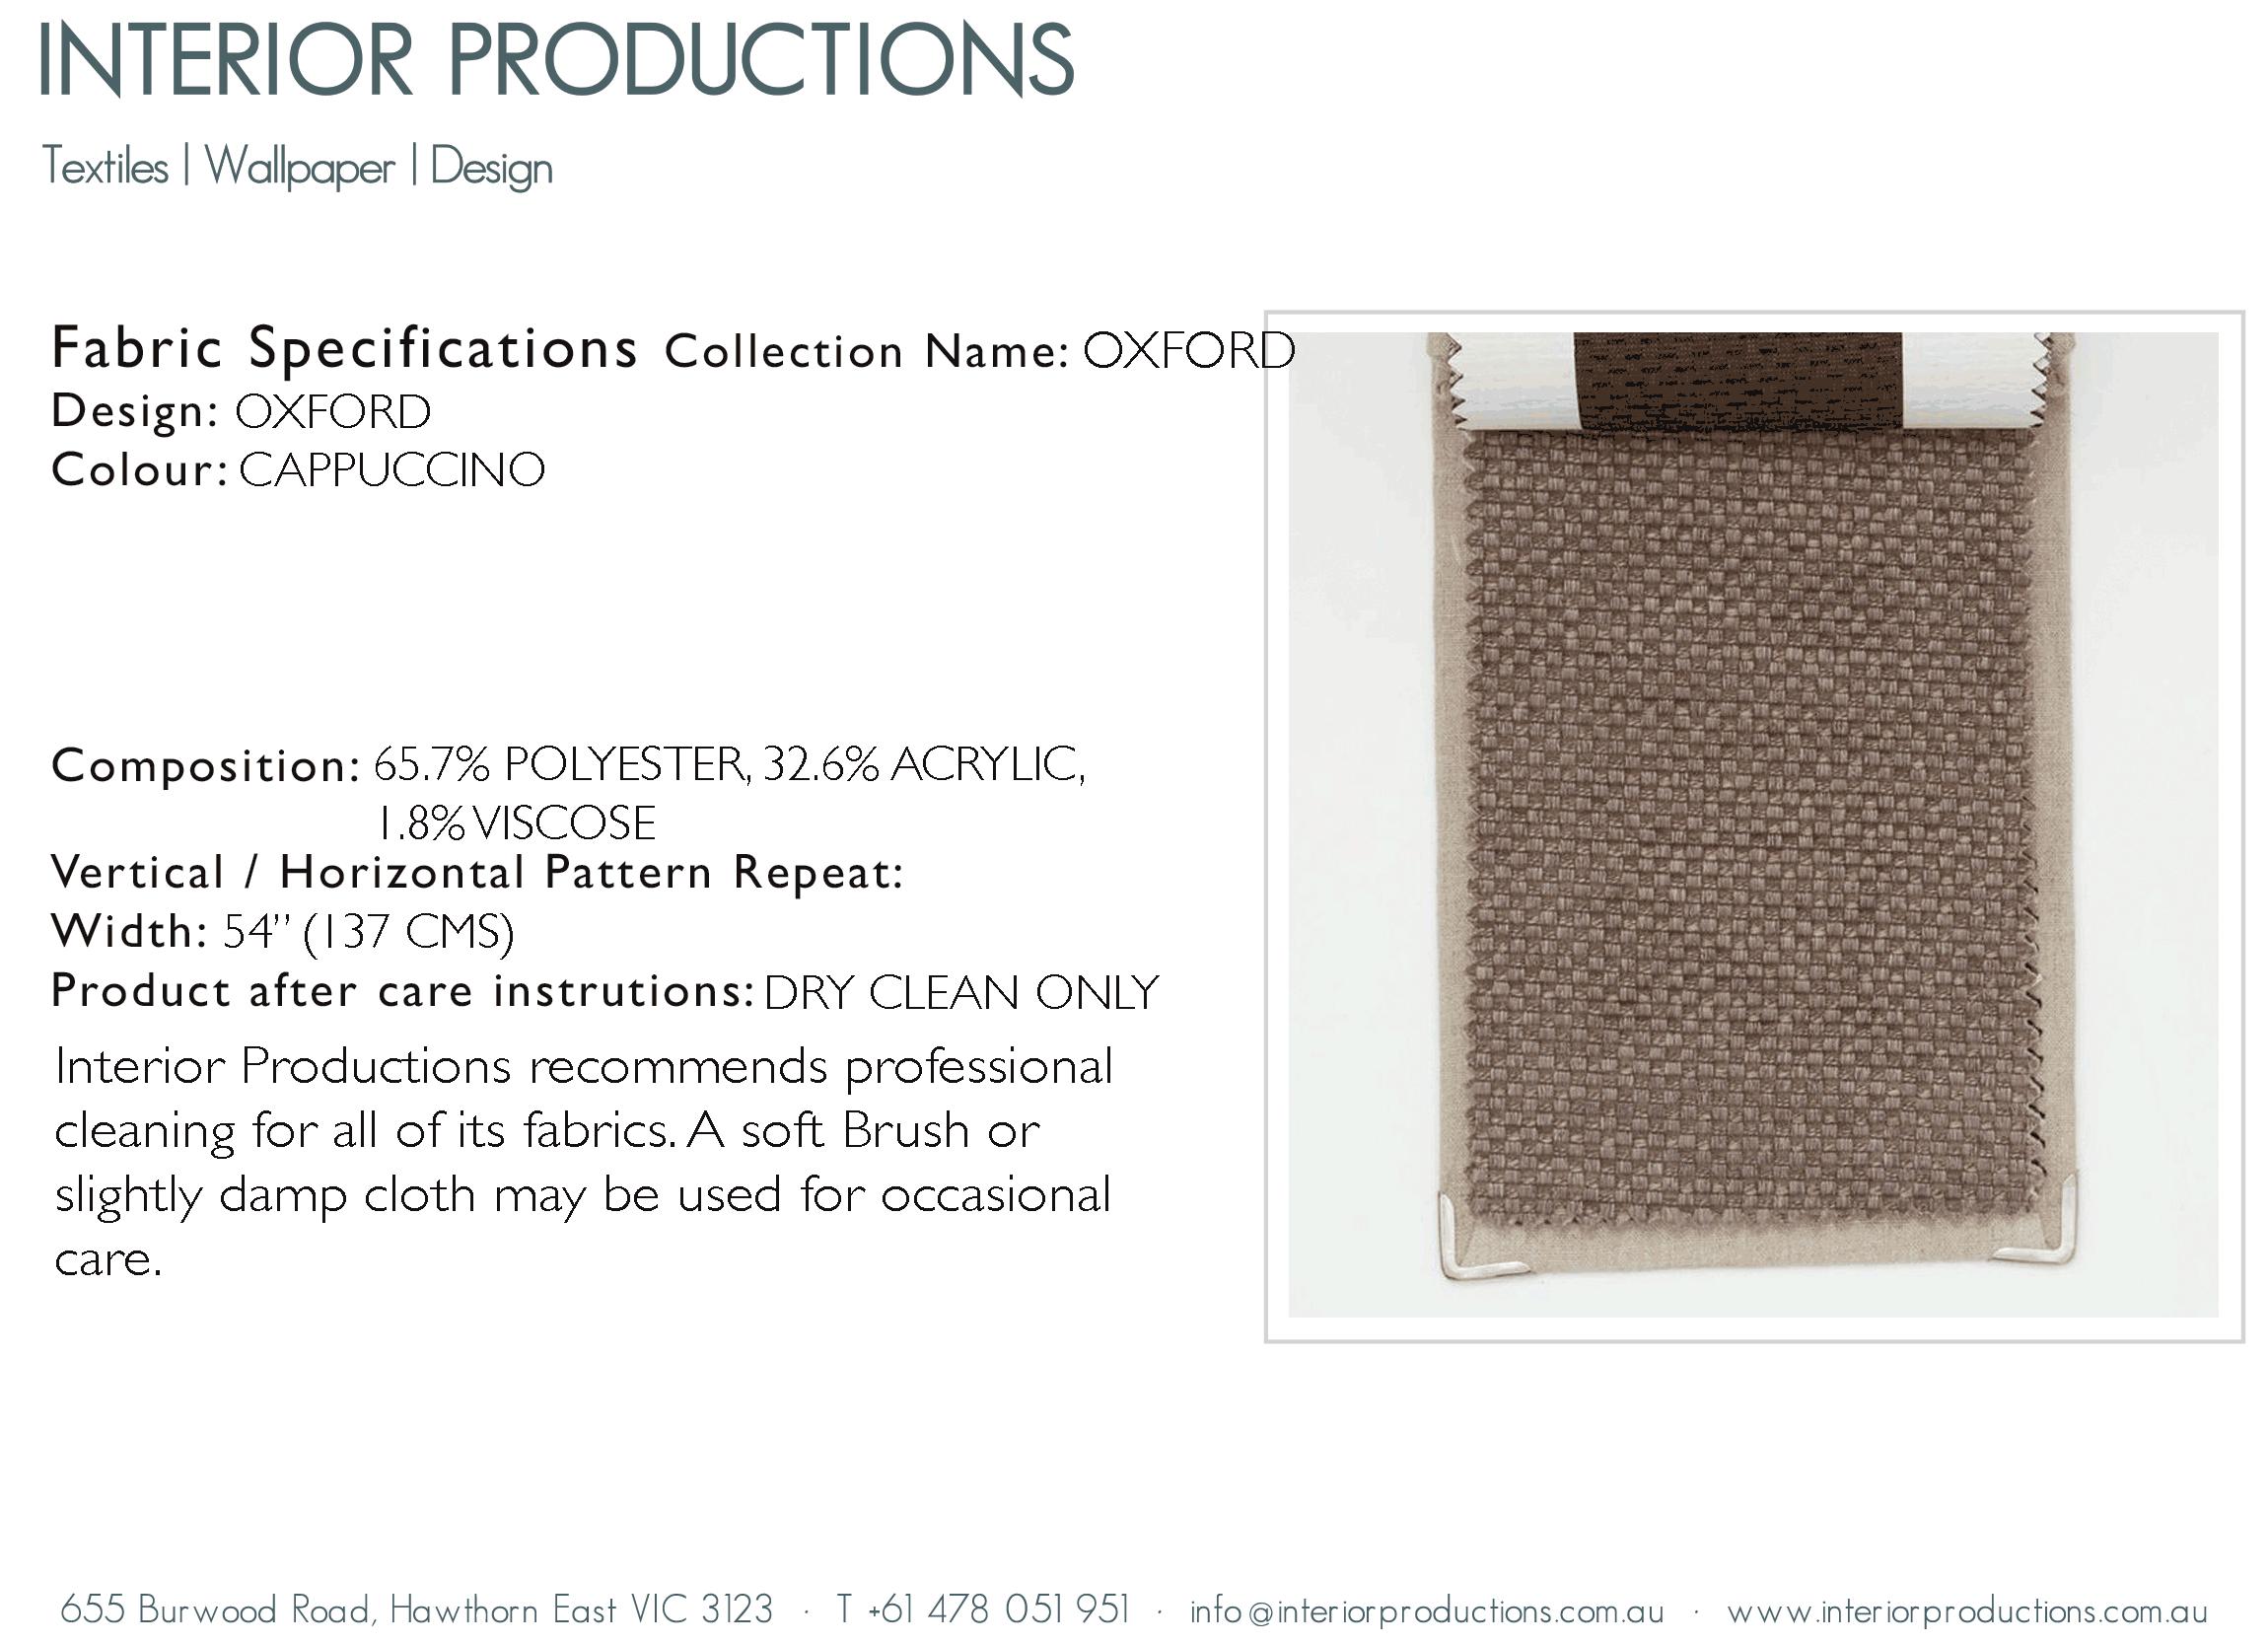 interior_productions_OXFORD---CAPPUCCINO